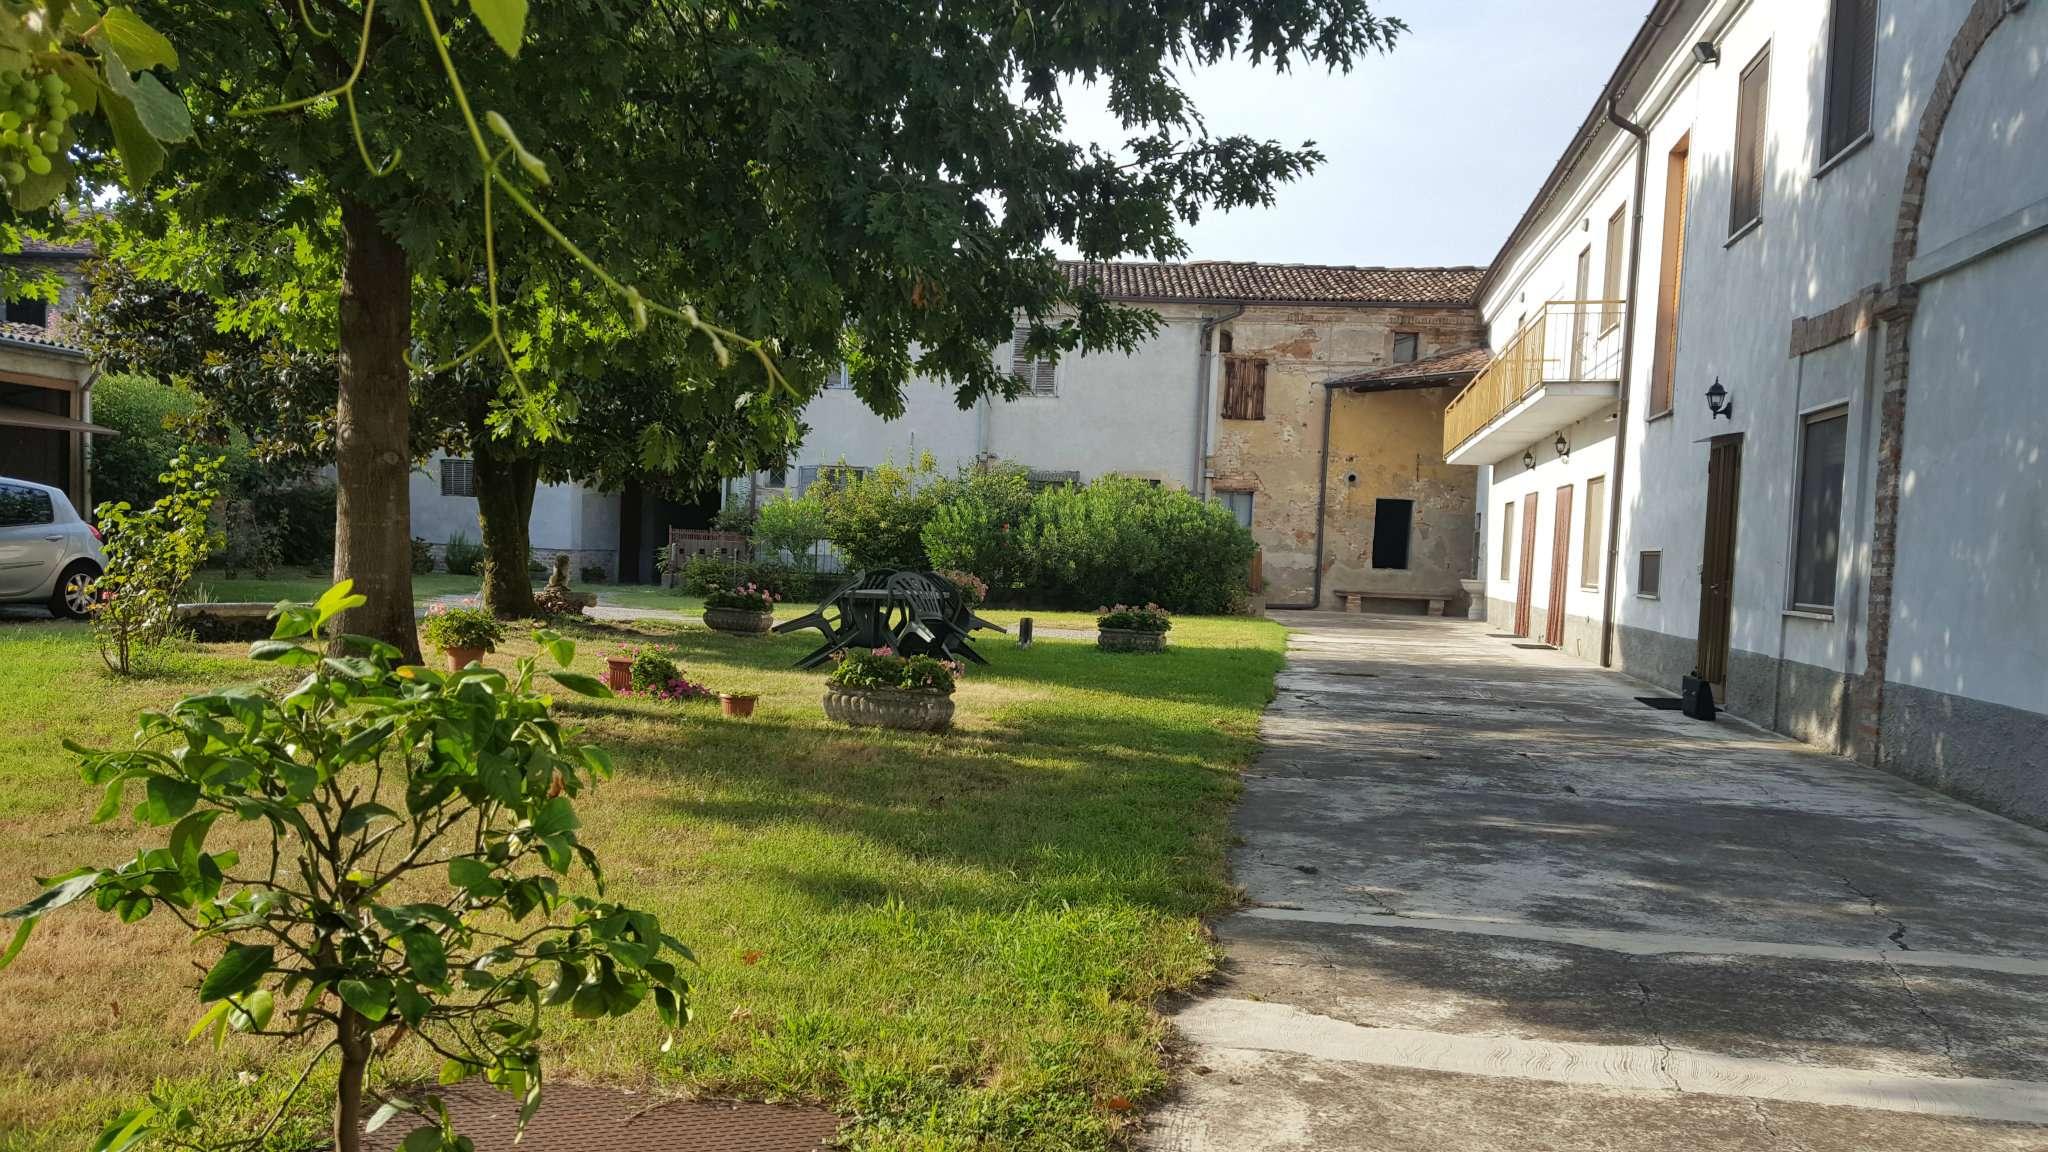 Rustico / Casale in vendita a Rivolta d'Adda, 10 locali, Trattative riservate | CambioCasa.it